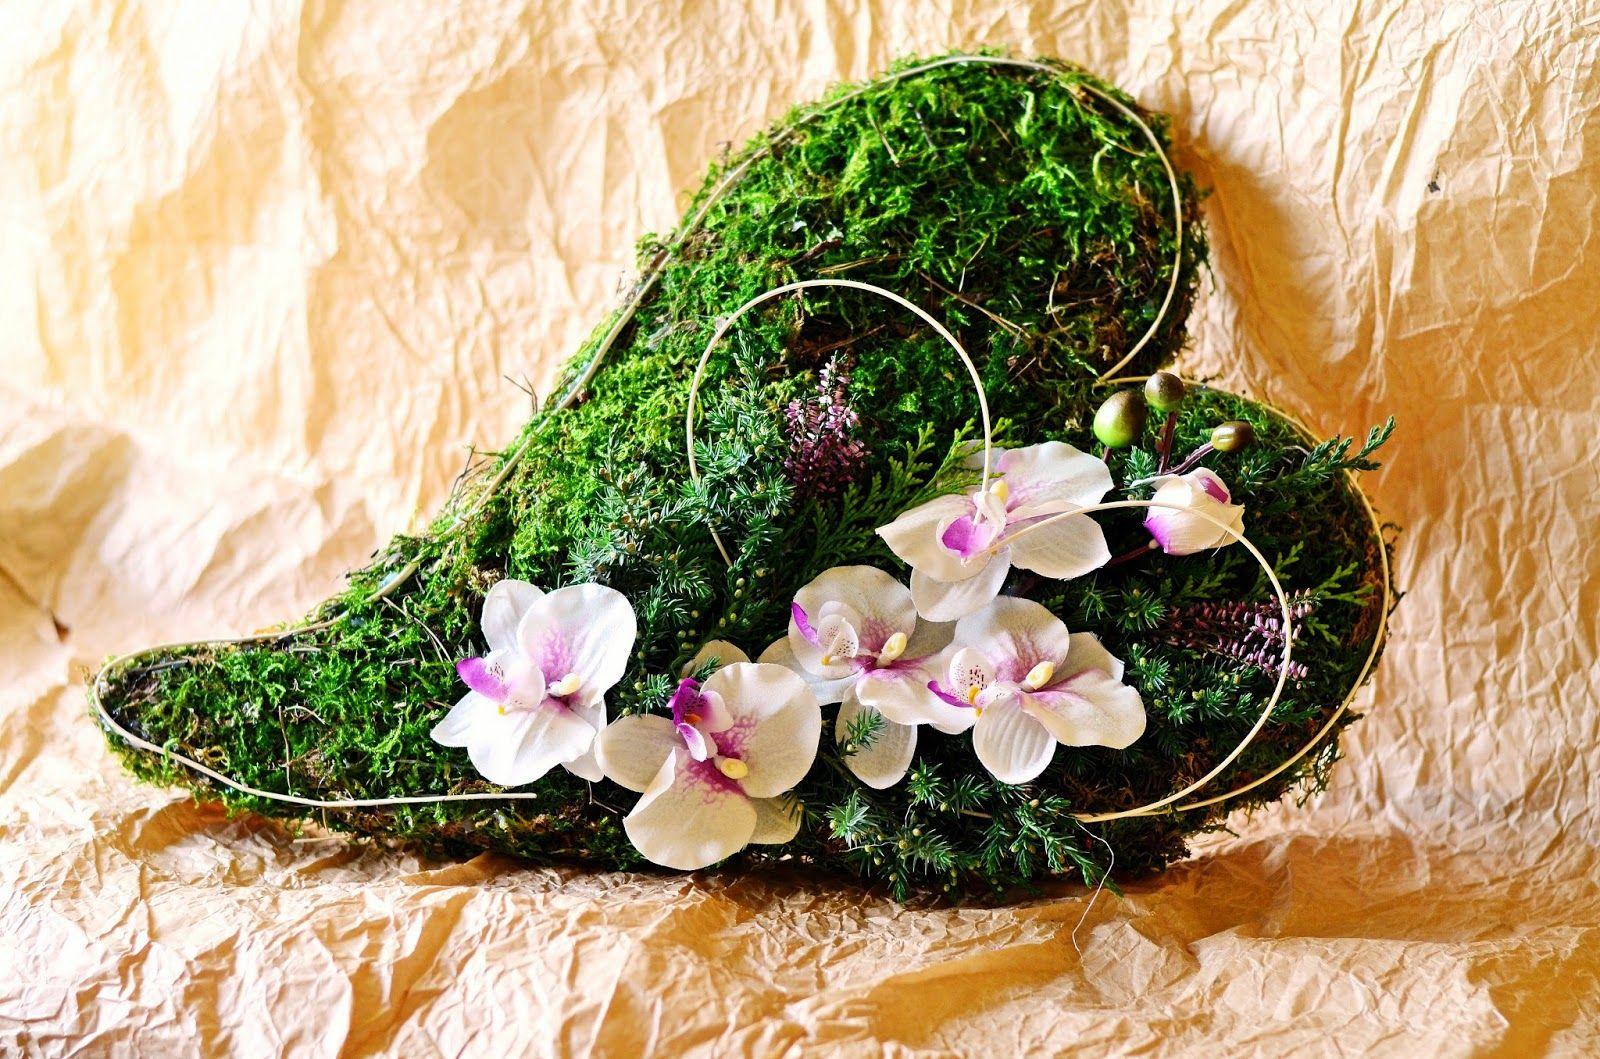 Jak Zrobic Serce Z Mchu Na Cmentarz I Sposob Na Dynie W Kwiatach Wreaths Floral Wreath Floral